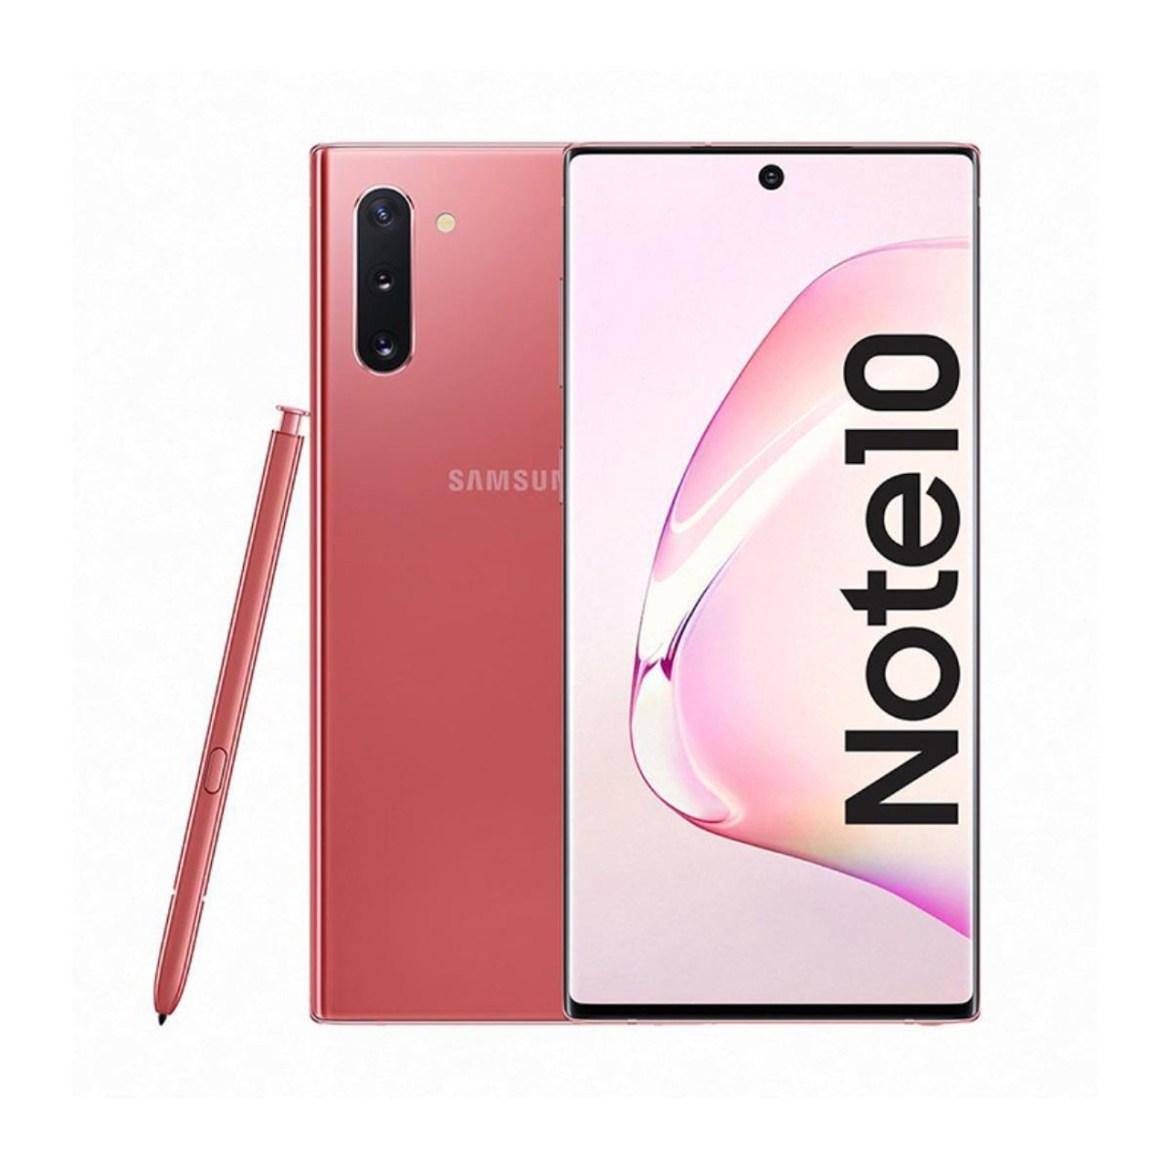 """Samsung Galaxy Note 10 N970FD Aura Pink 8/256GB 6.3"""" Exynos 9825 Phone -  BQSHOP"""